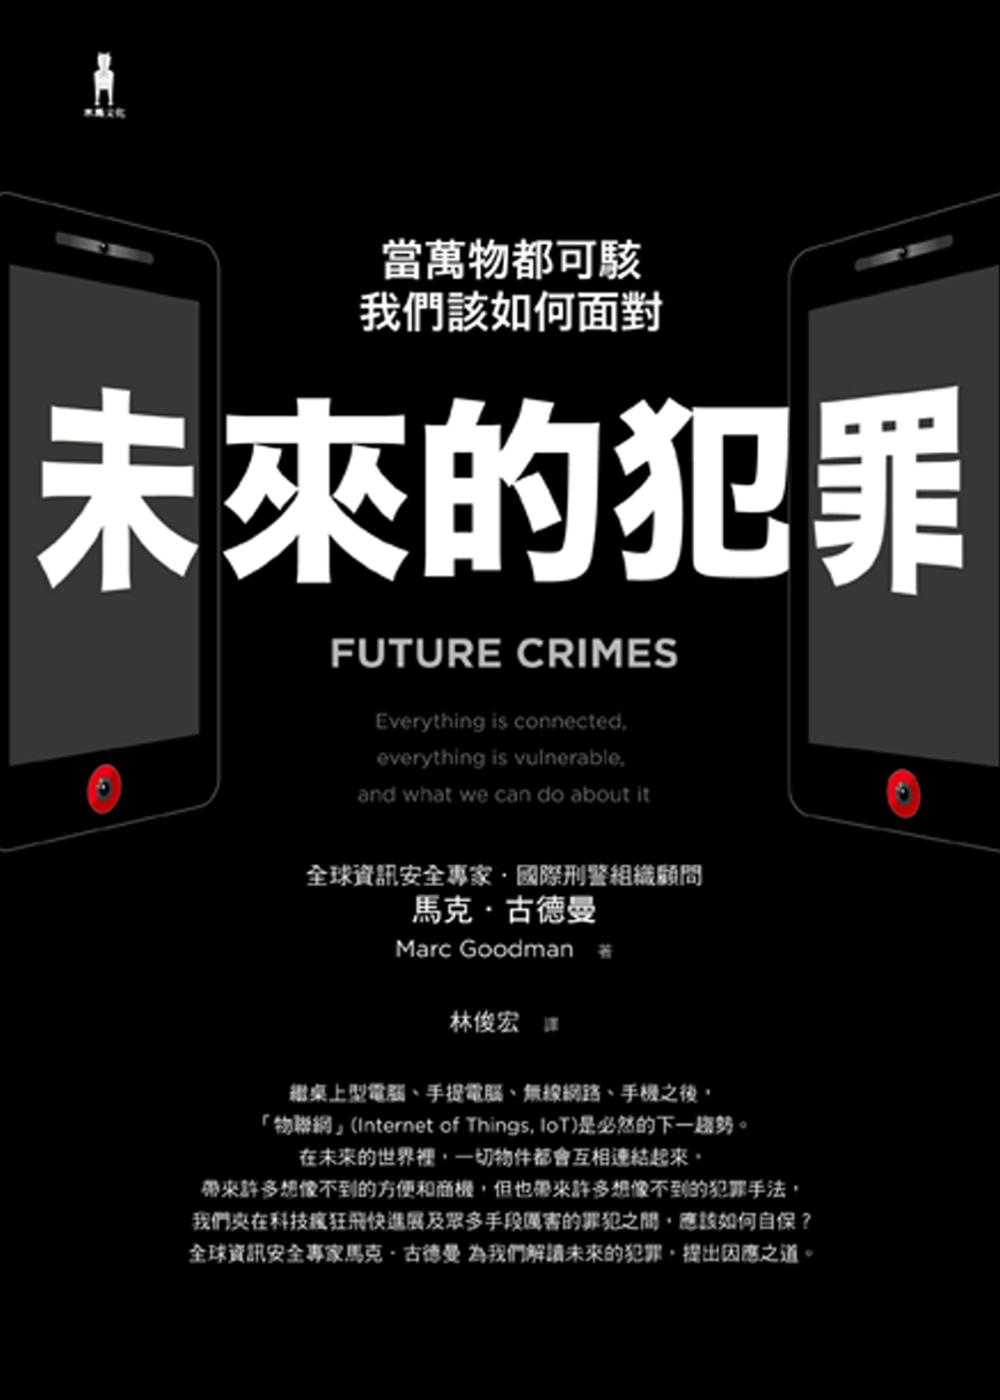 未來的犯罪:當萬物都可駭,我們該如何面對